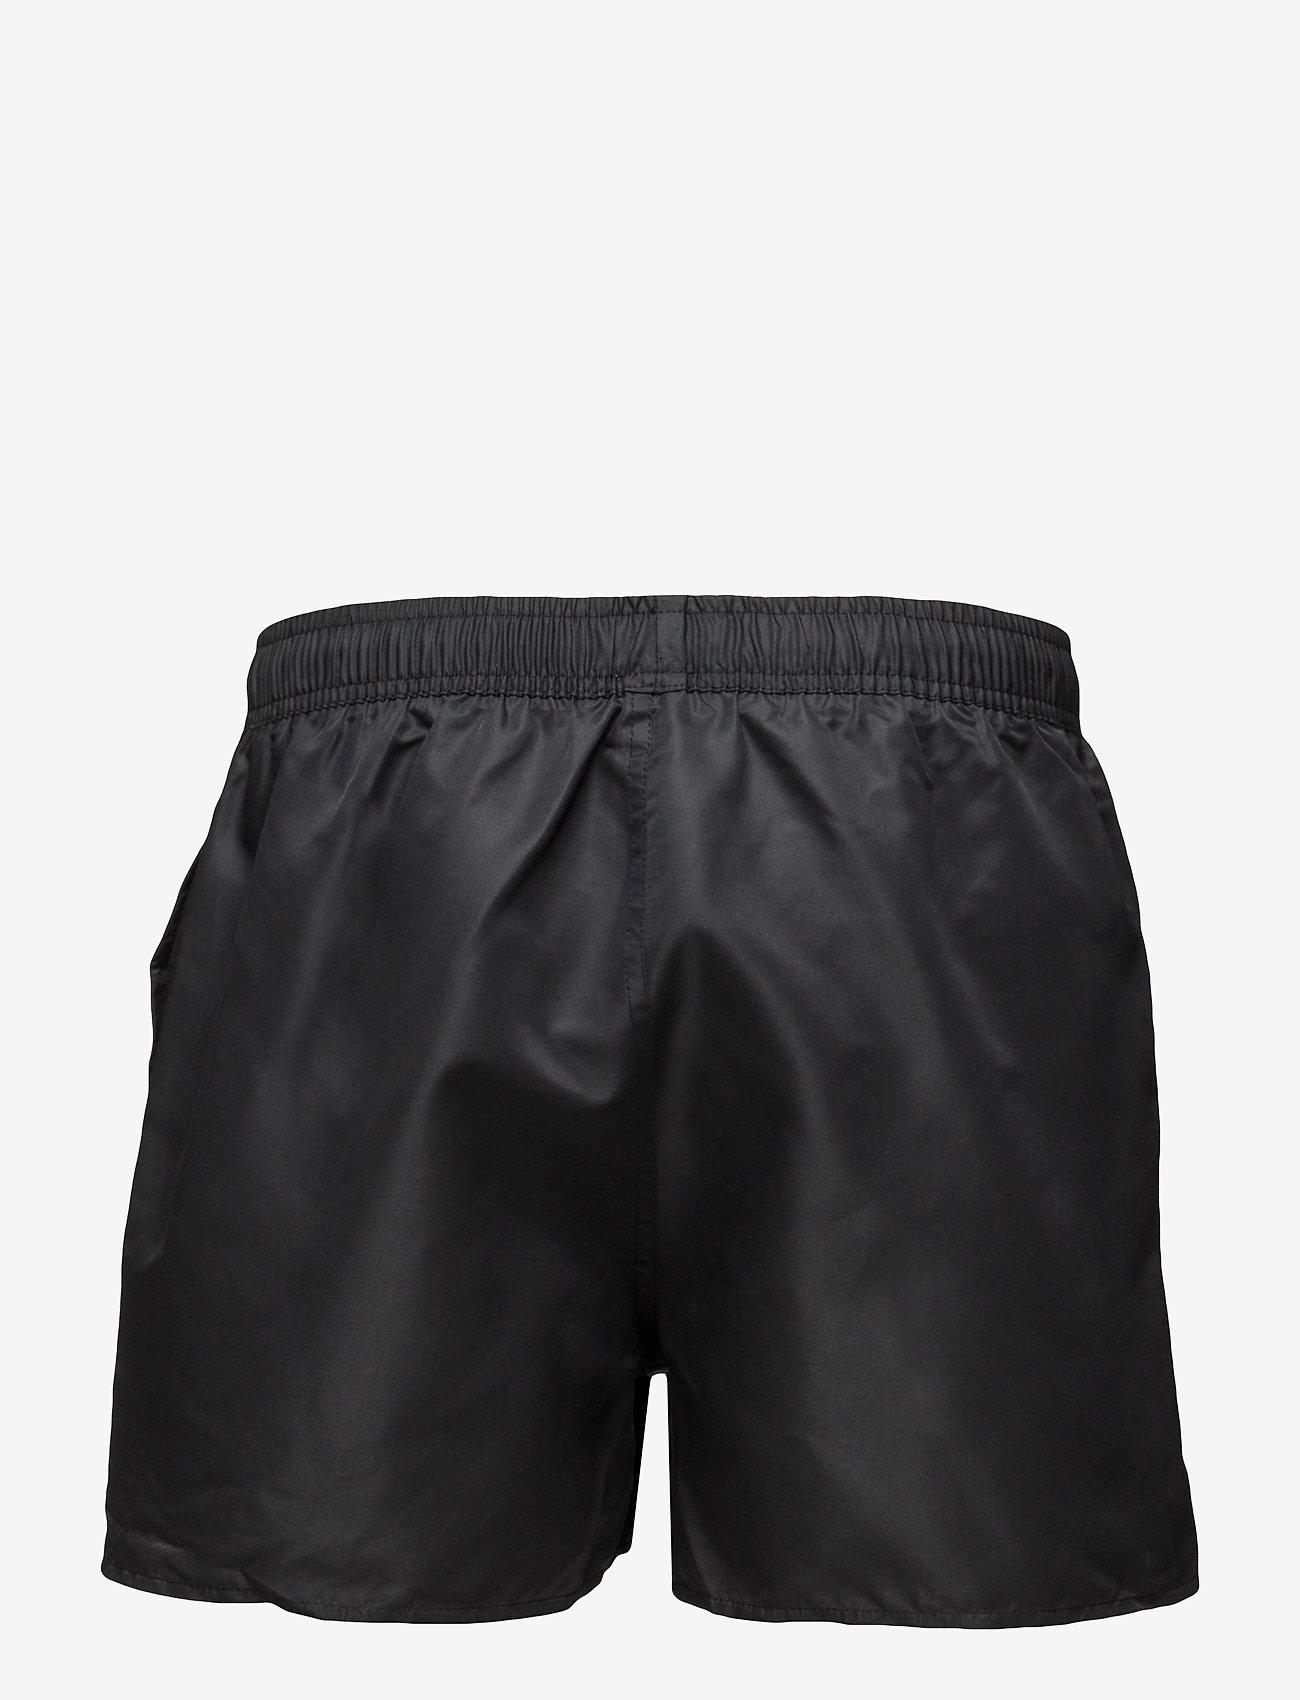 Resteröds - Swimwear - badbyxor - black - 1